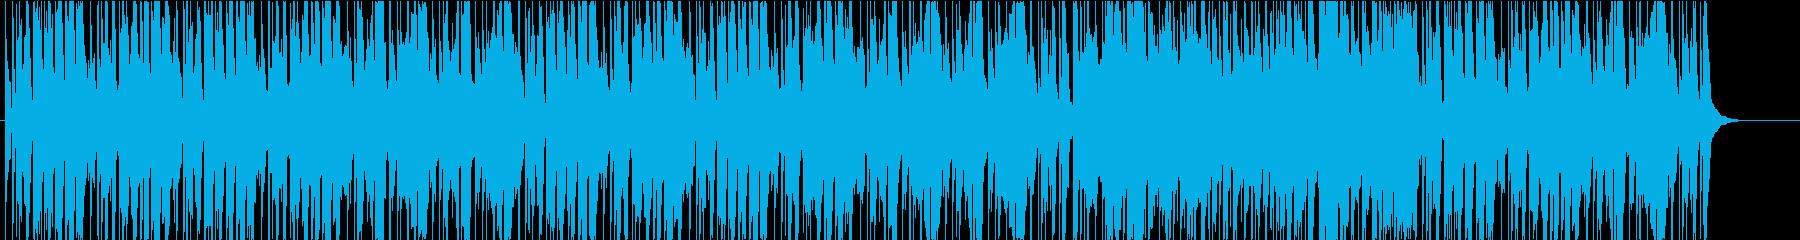 日常生活や何気ない場面用のBGMフルートの再生済みの波形